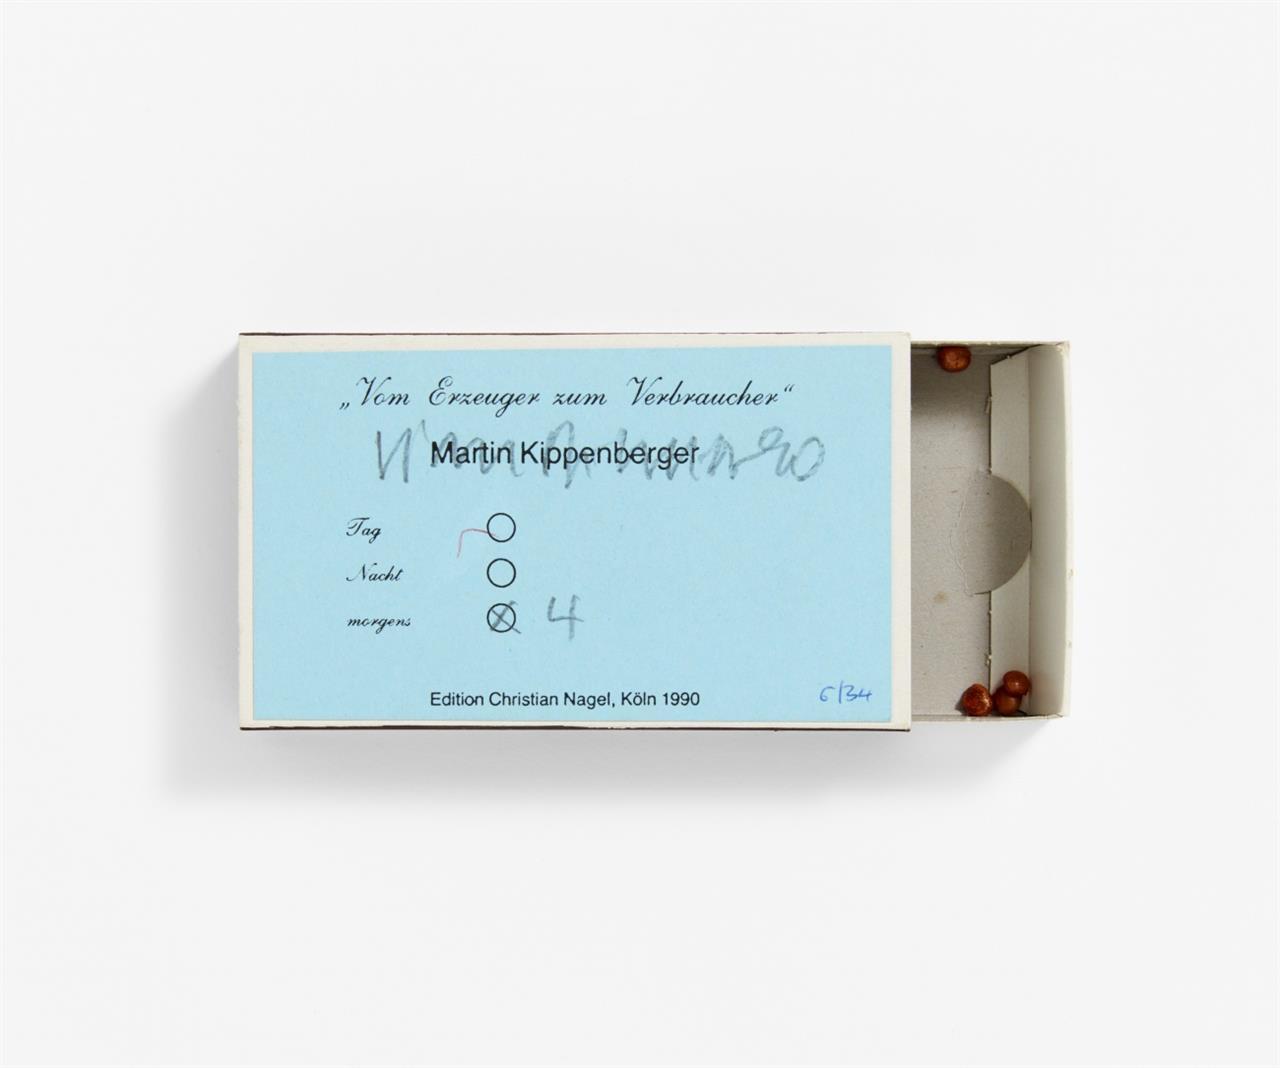 Martin Kippenberger. Vom Erzeuger zum Verbraucher. 1990. Streichholzschachtel, Gießharz. Signiert. Ex. 6/34.